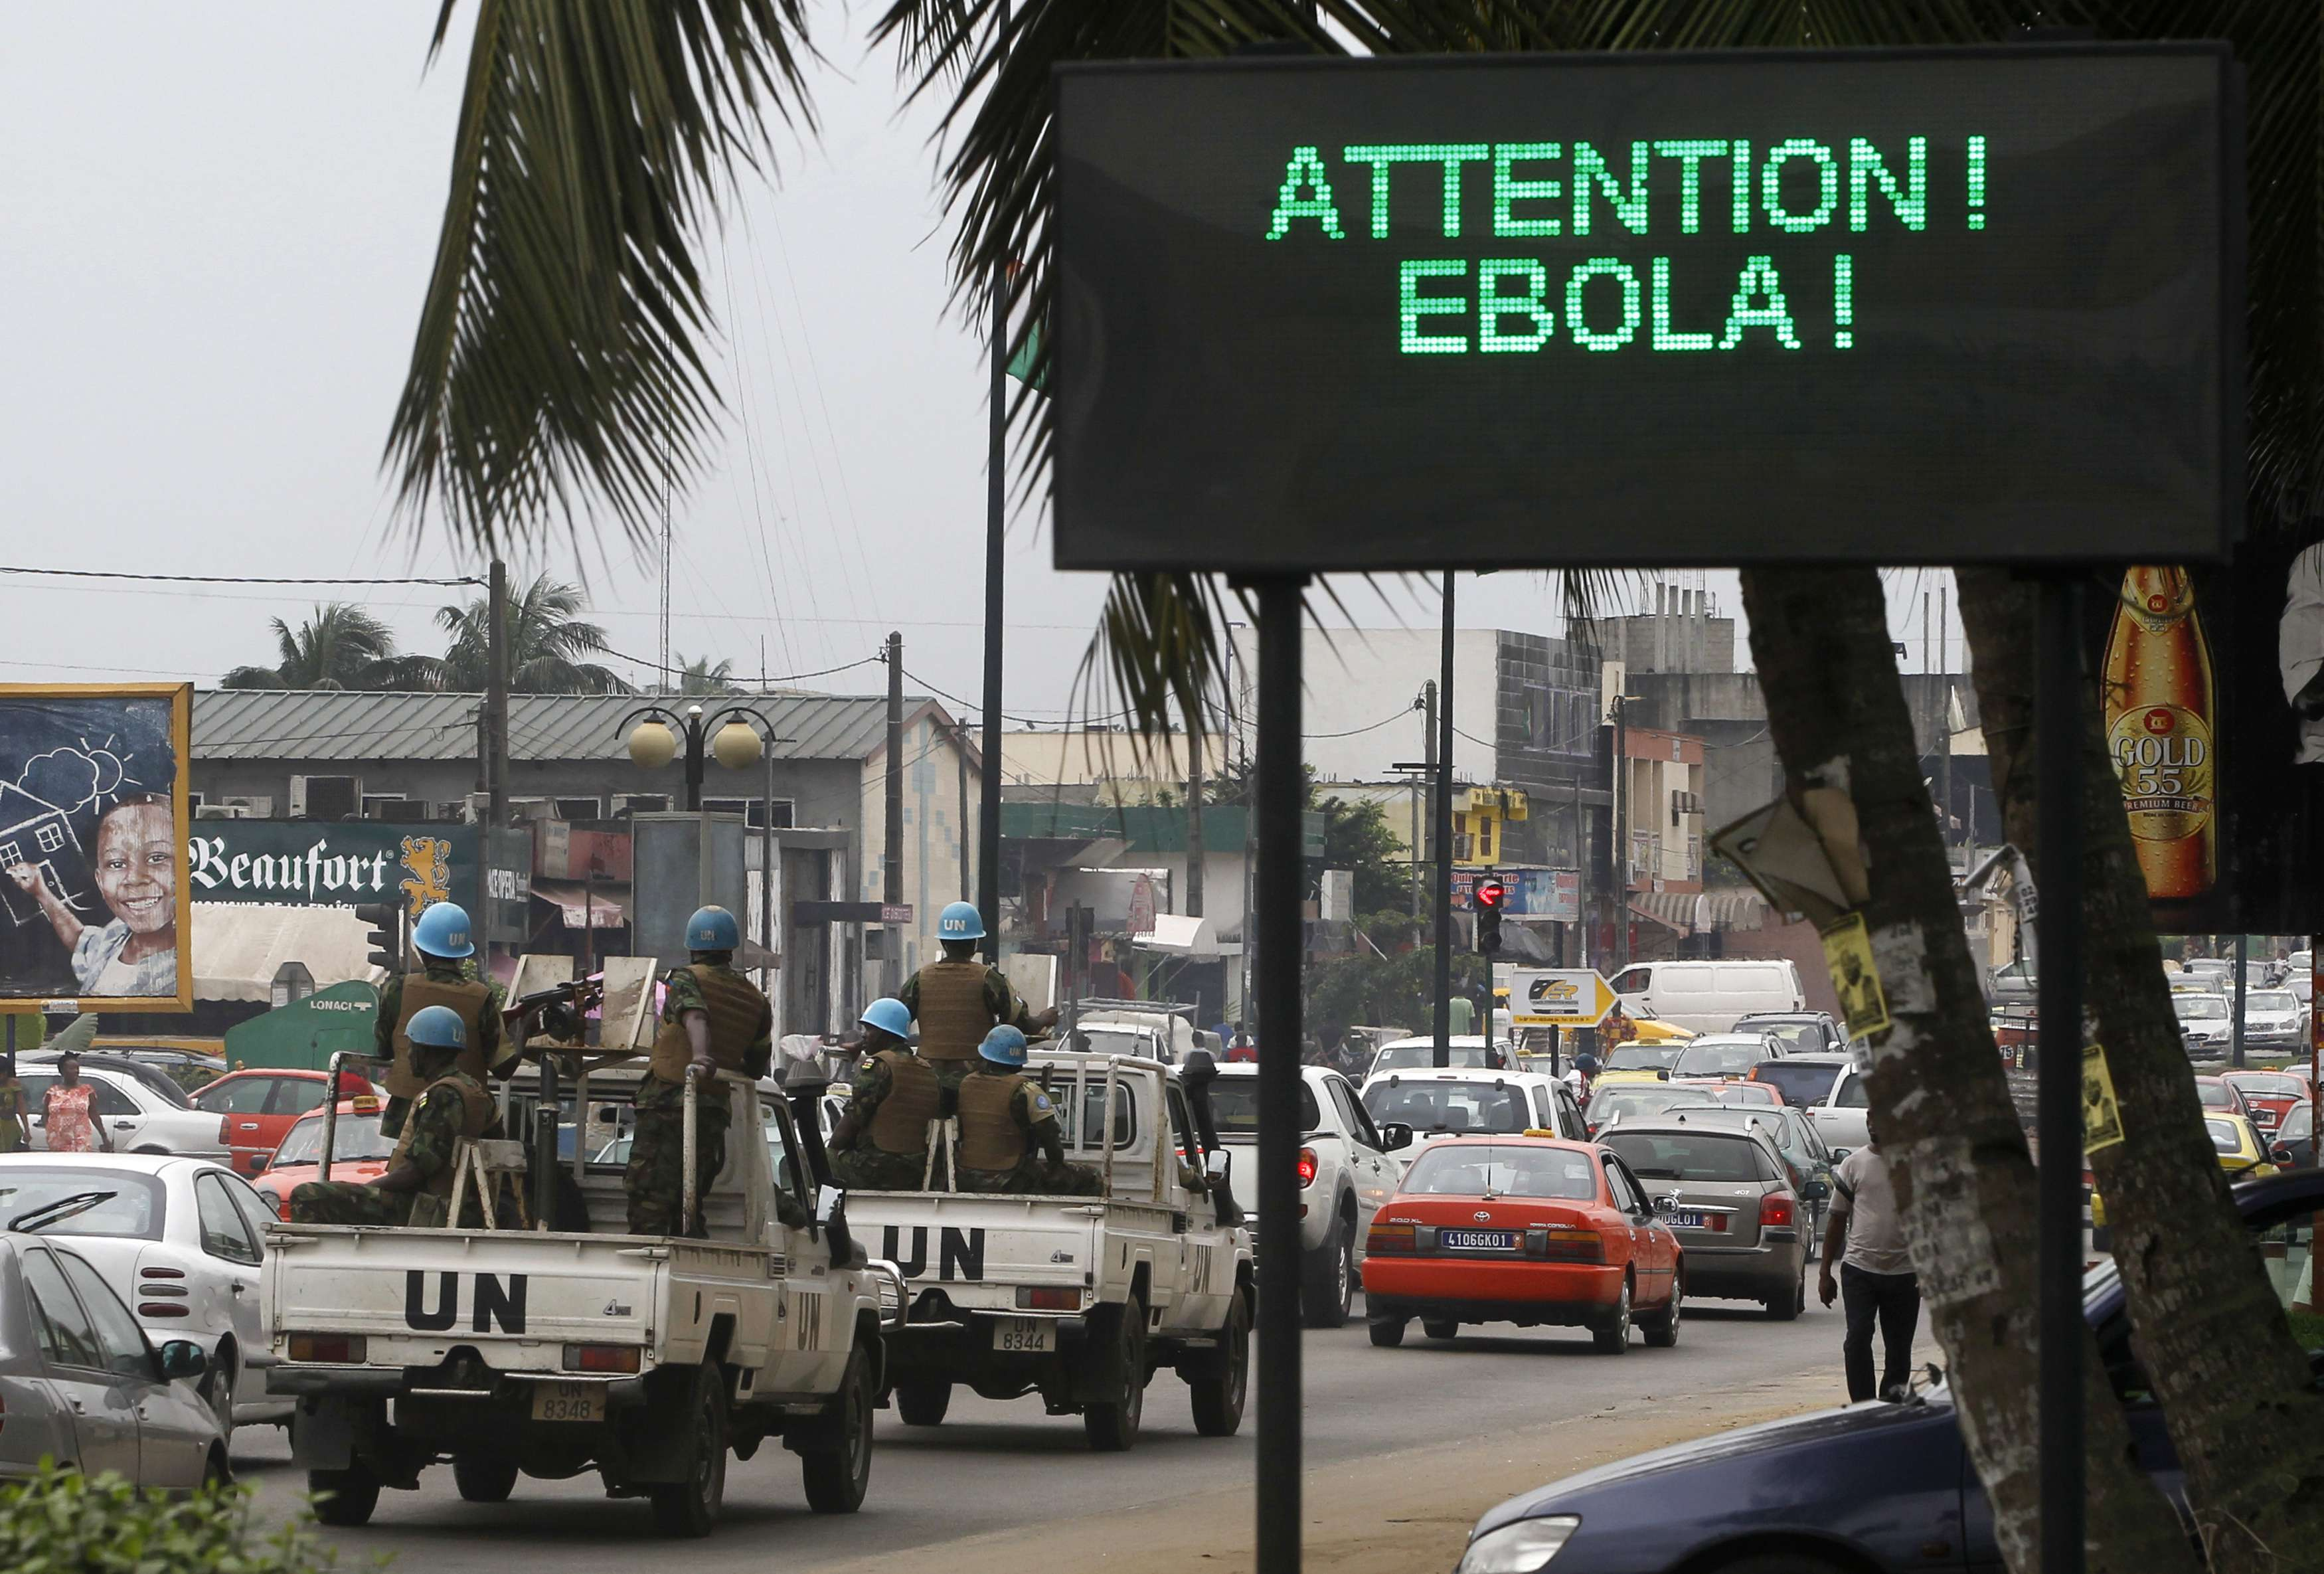 El miedo al ébola aisla y perjudica a los países afectados